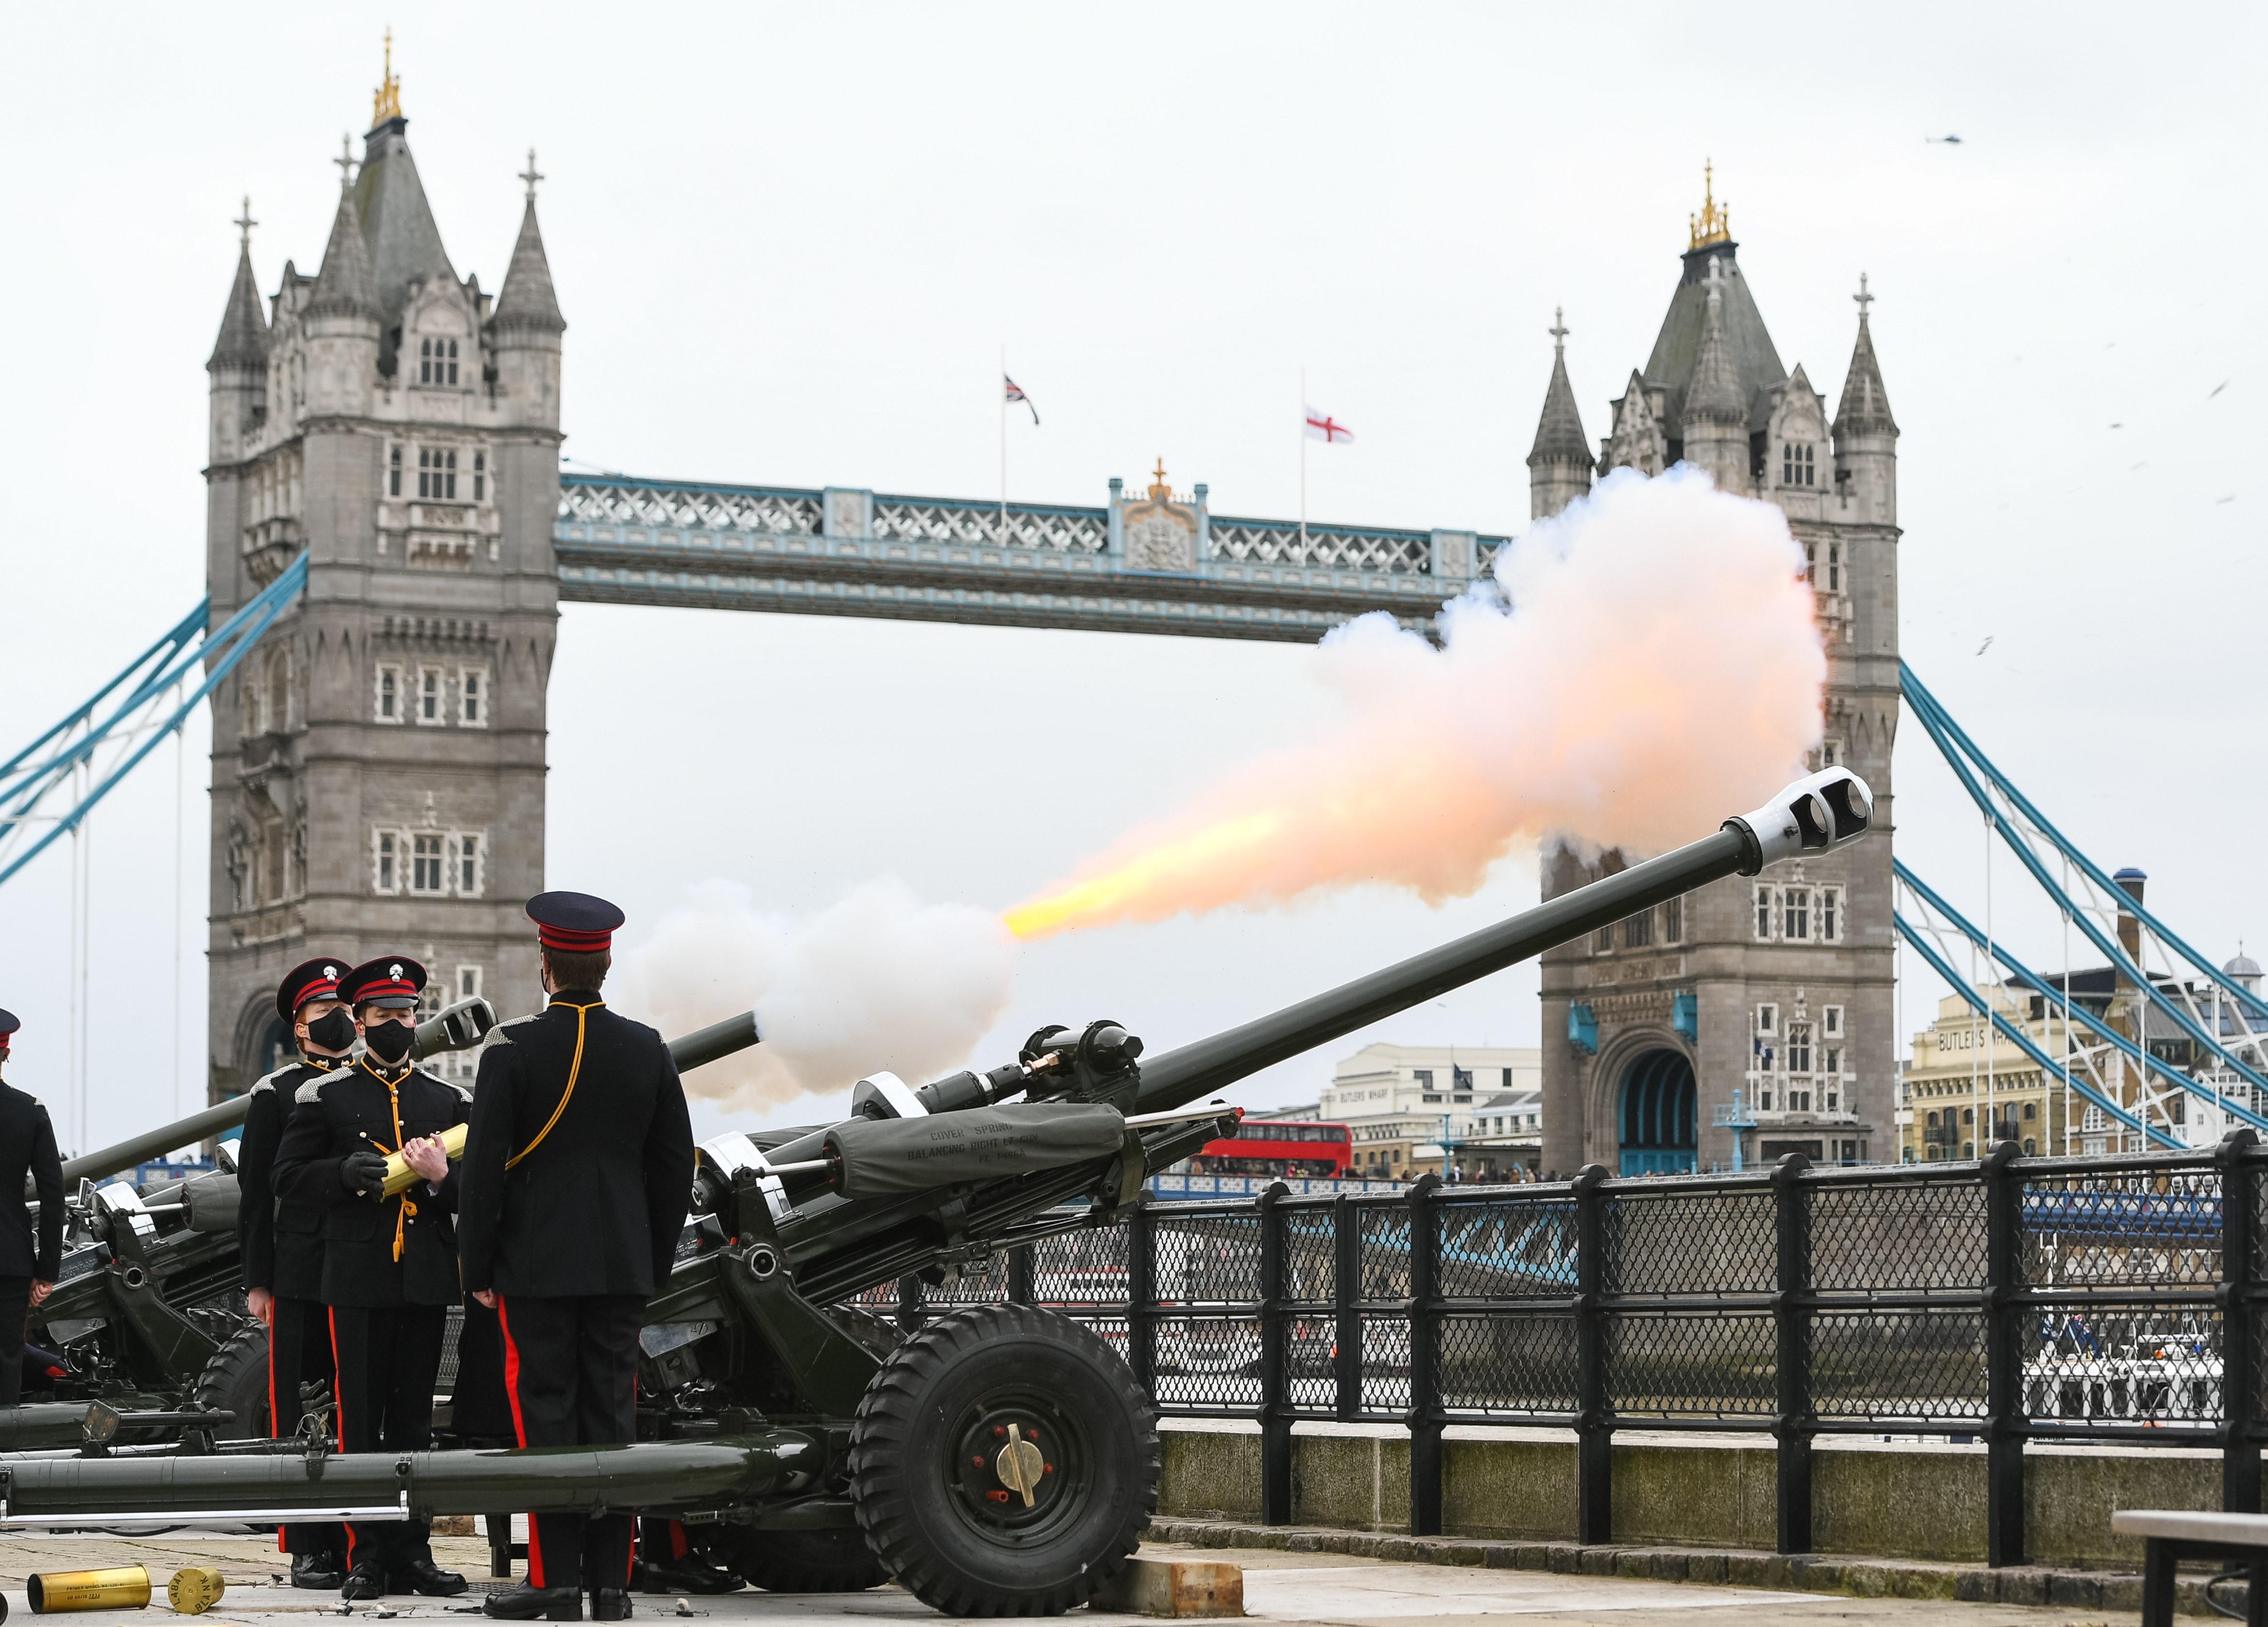 Reino Unido rinde tributo al príncipe Felipe con 41 salvas de cañón